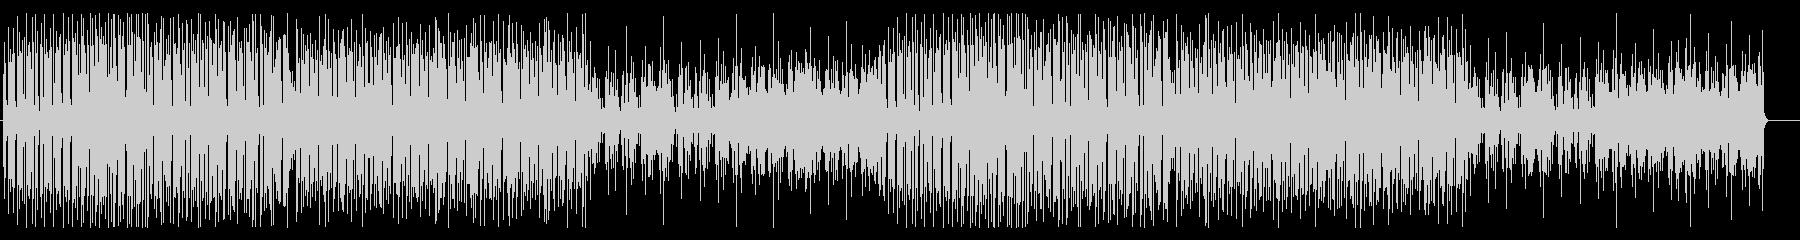 トロピカルフルーツのような元気で明るい曲の未再生の波形